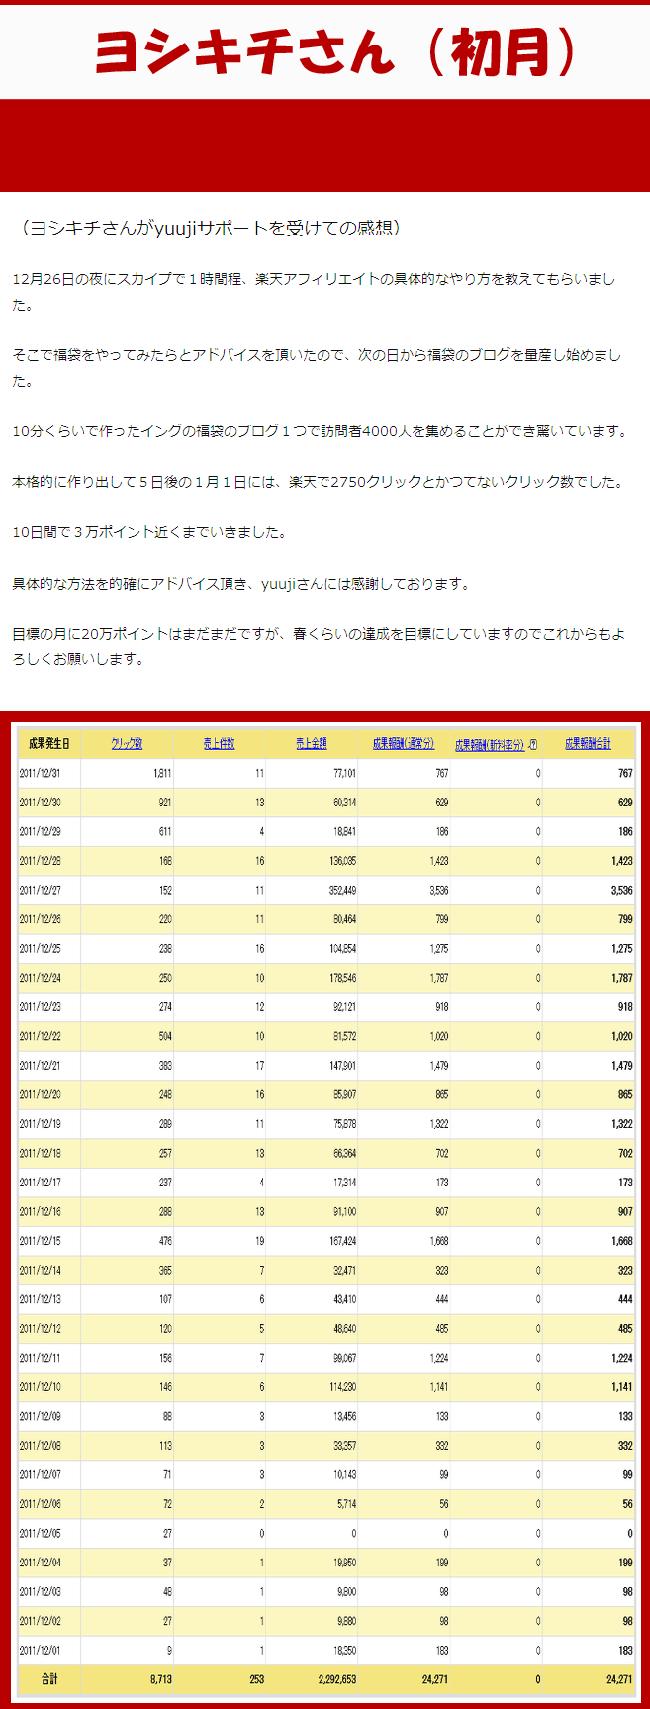 「楽天アフィリエイト報酬初月画像」yoshikichi